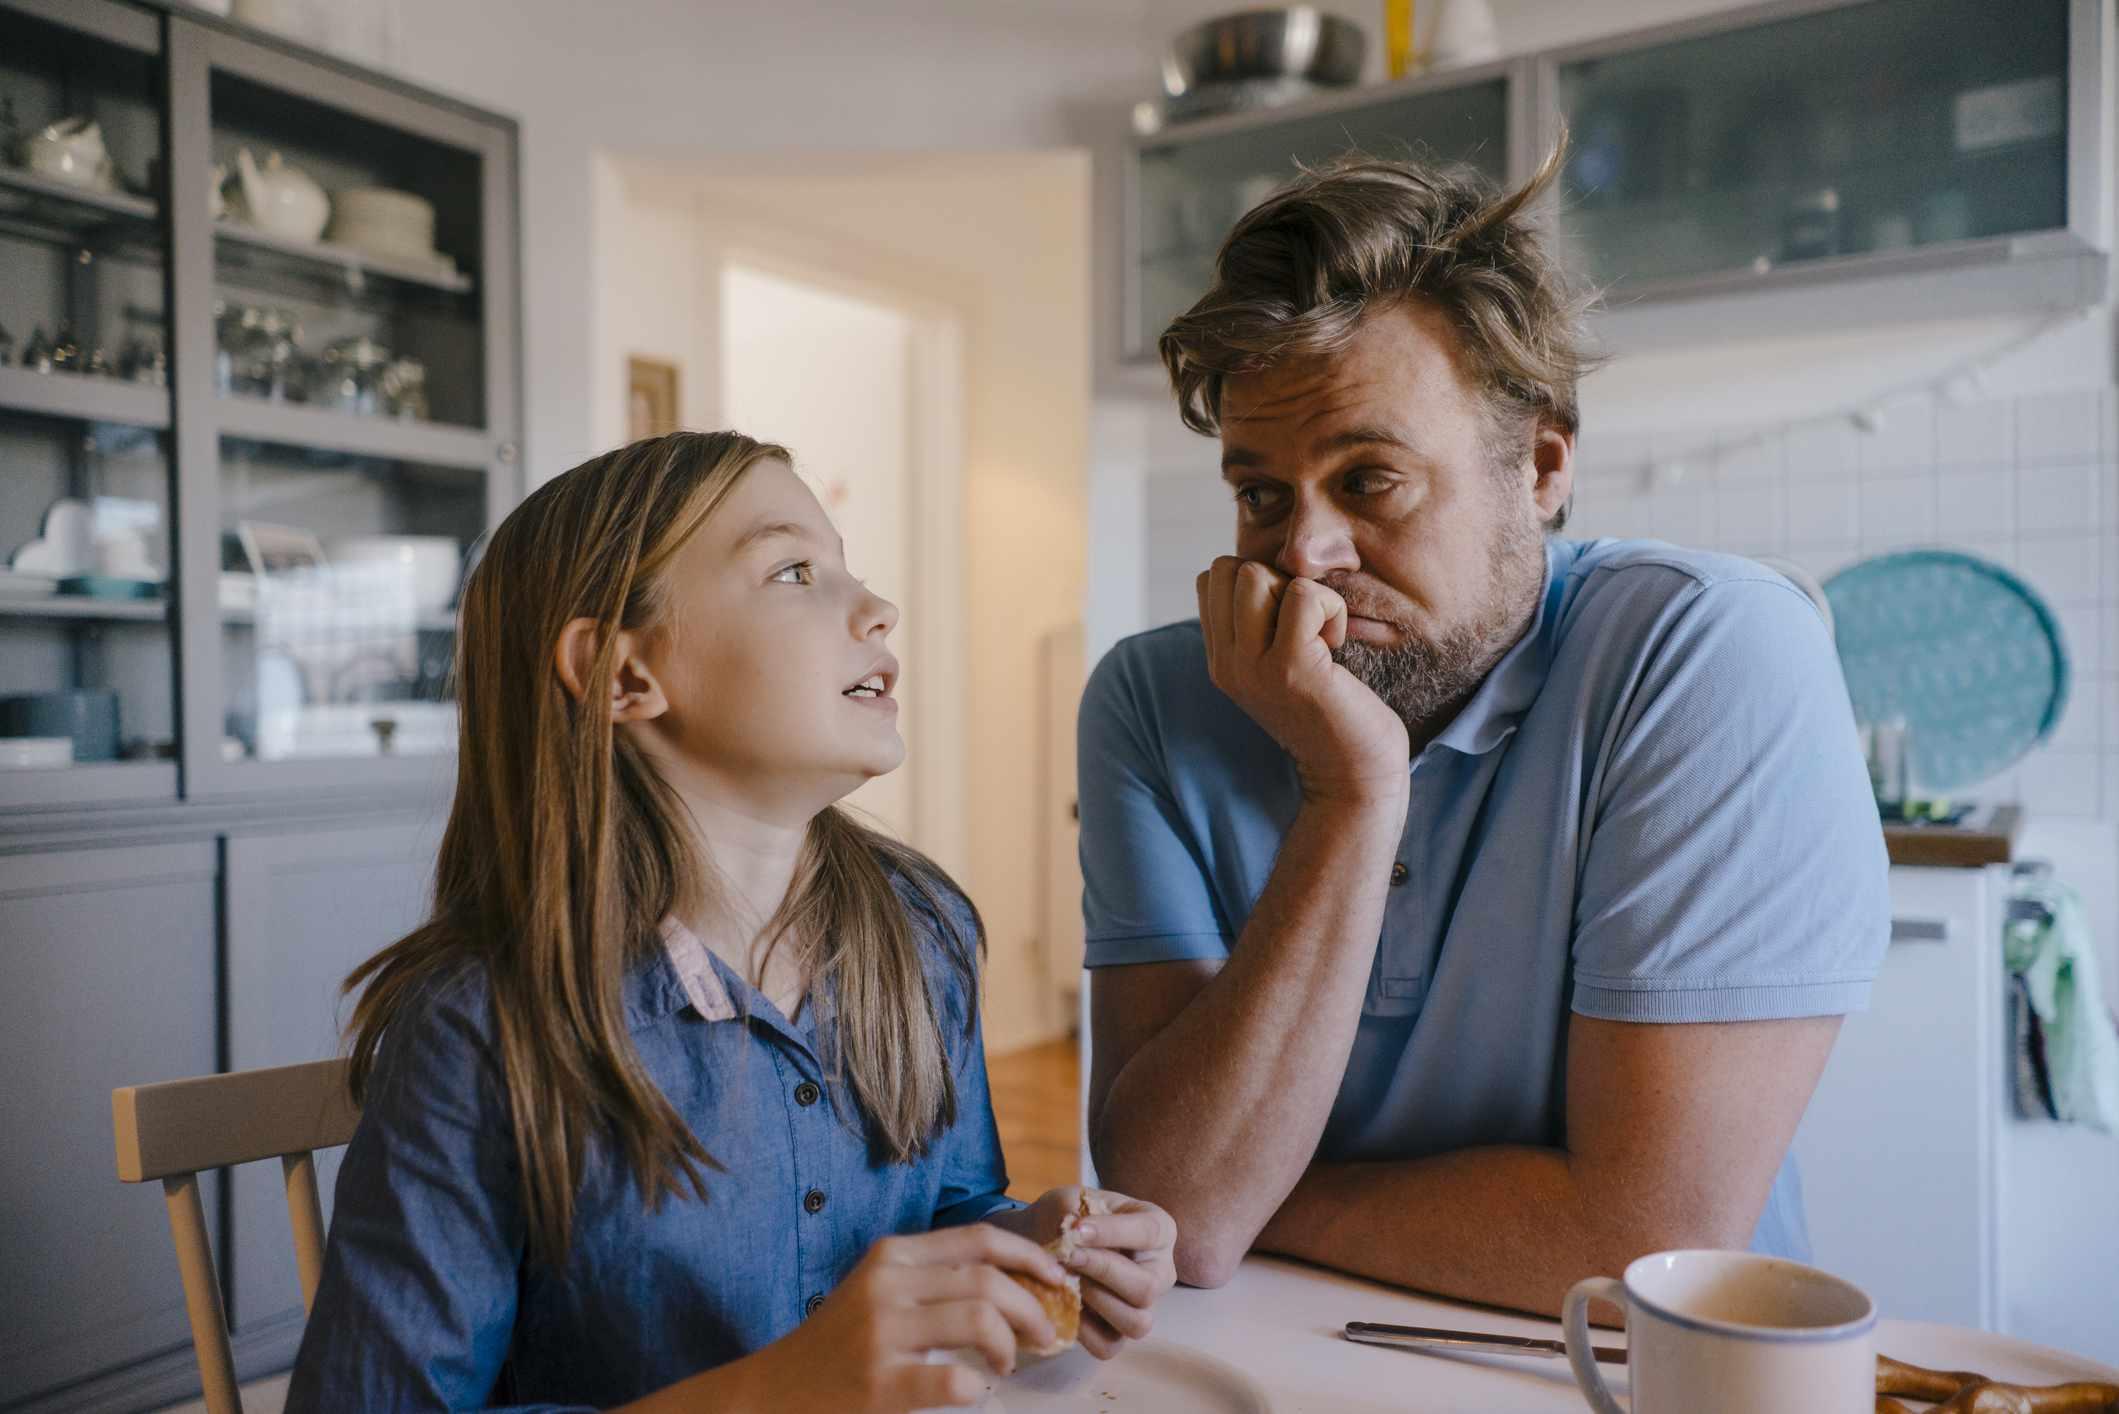 papá hablando con la hija sobre el divorcio